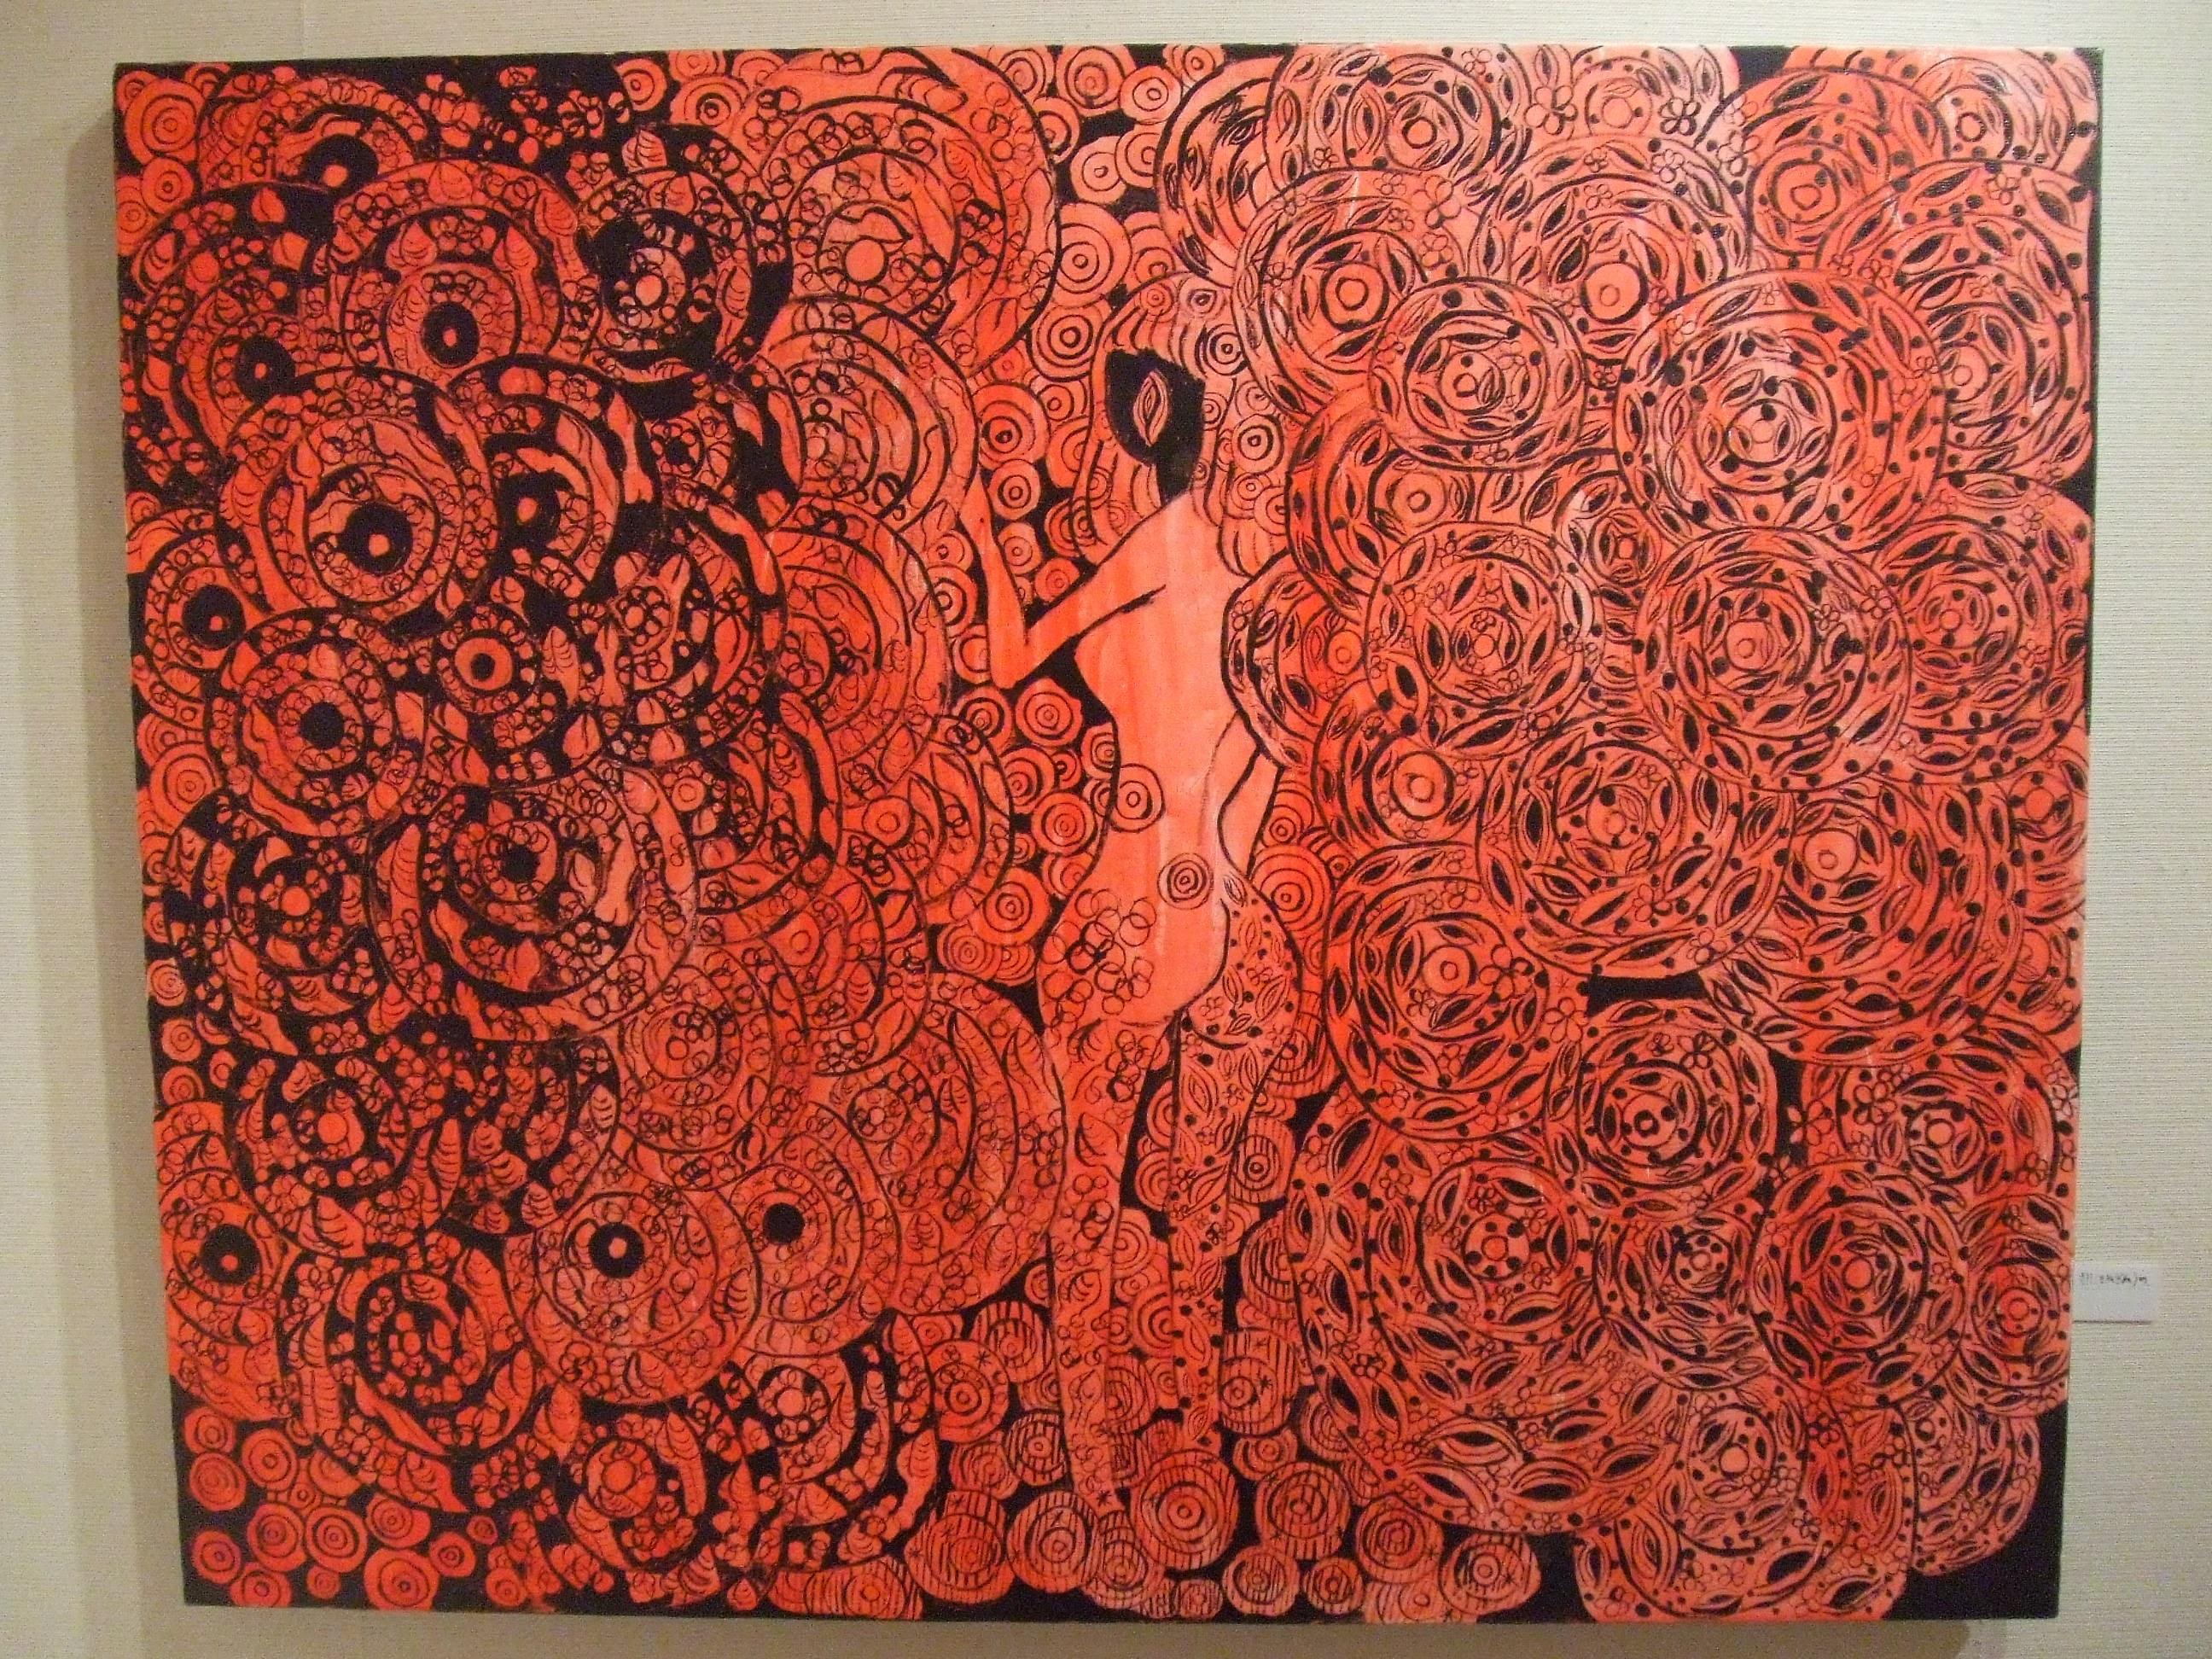 [後朝(きぬぎぬ)の、] - 伊藤 洋子の美術